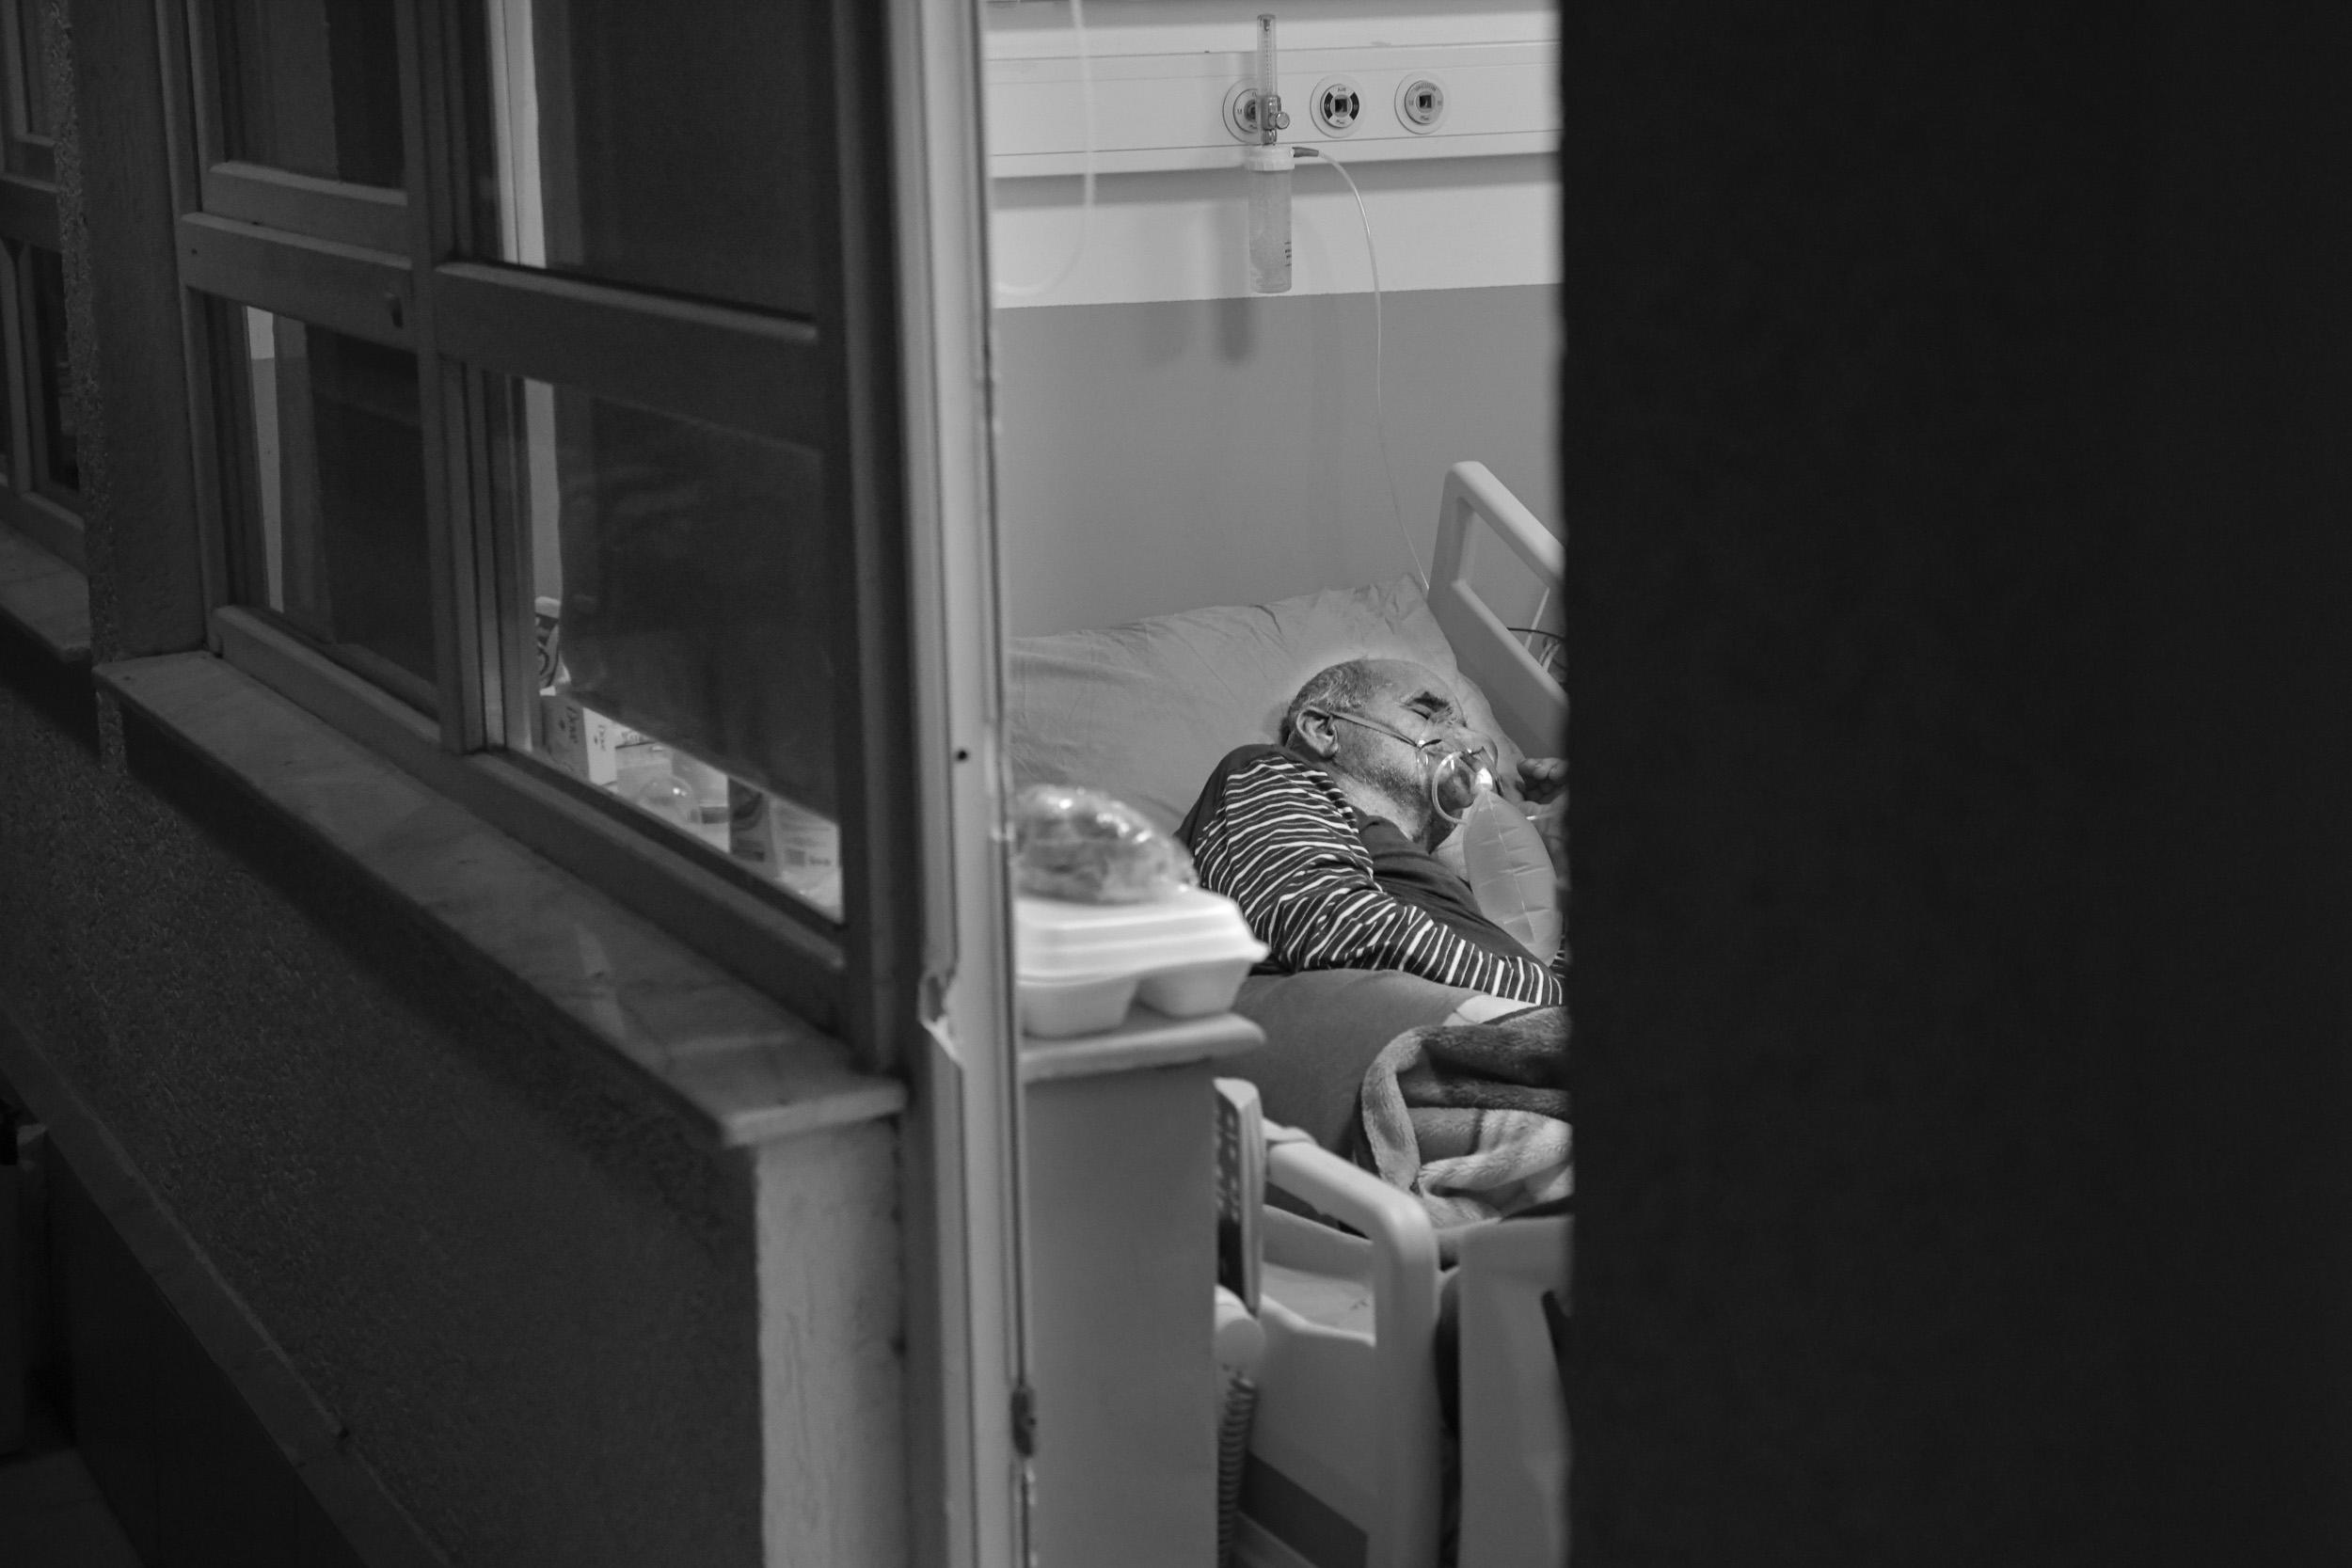 Pacijenti/ce se pokušavaju makar malo odmoriti da bi izdržali još jedan dan.